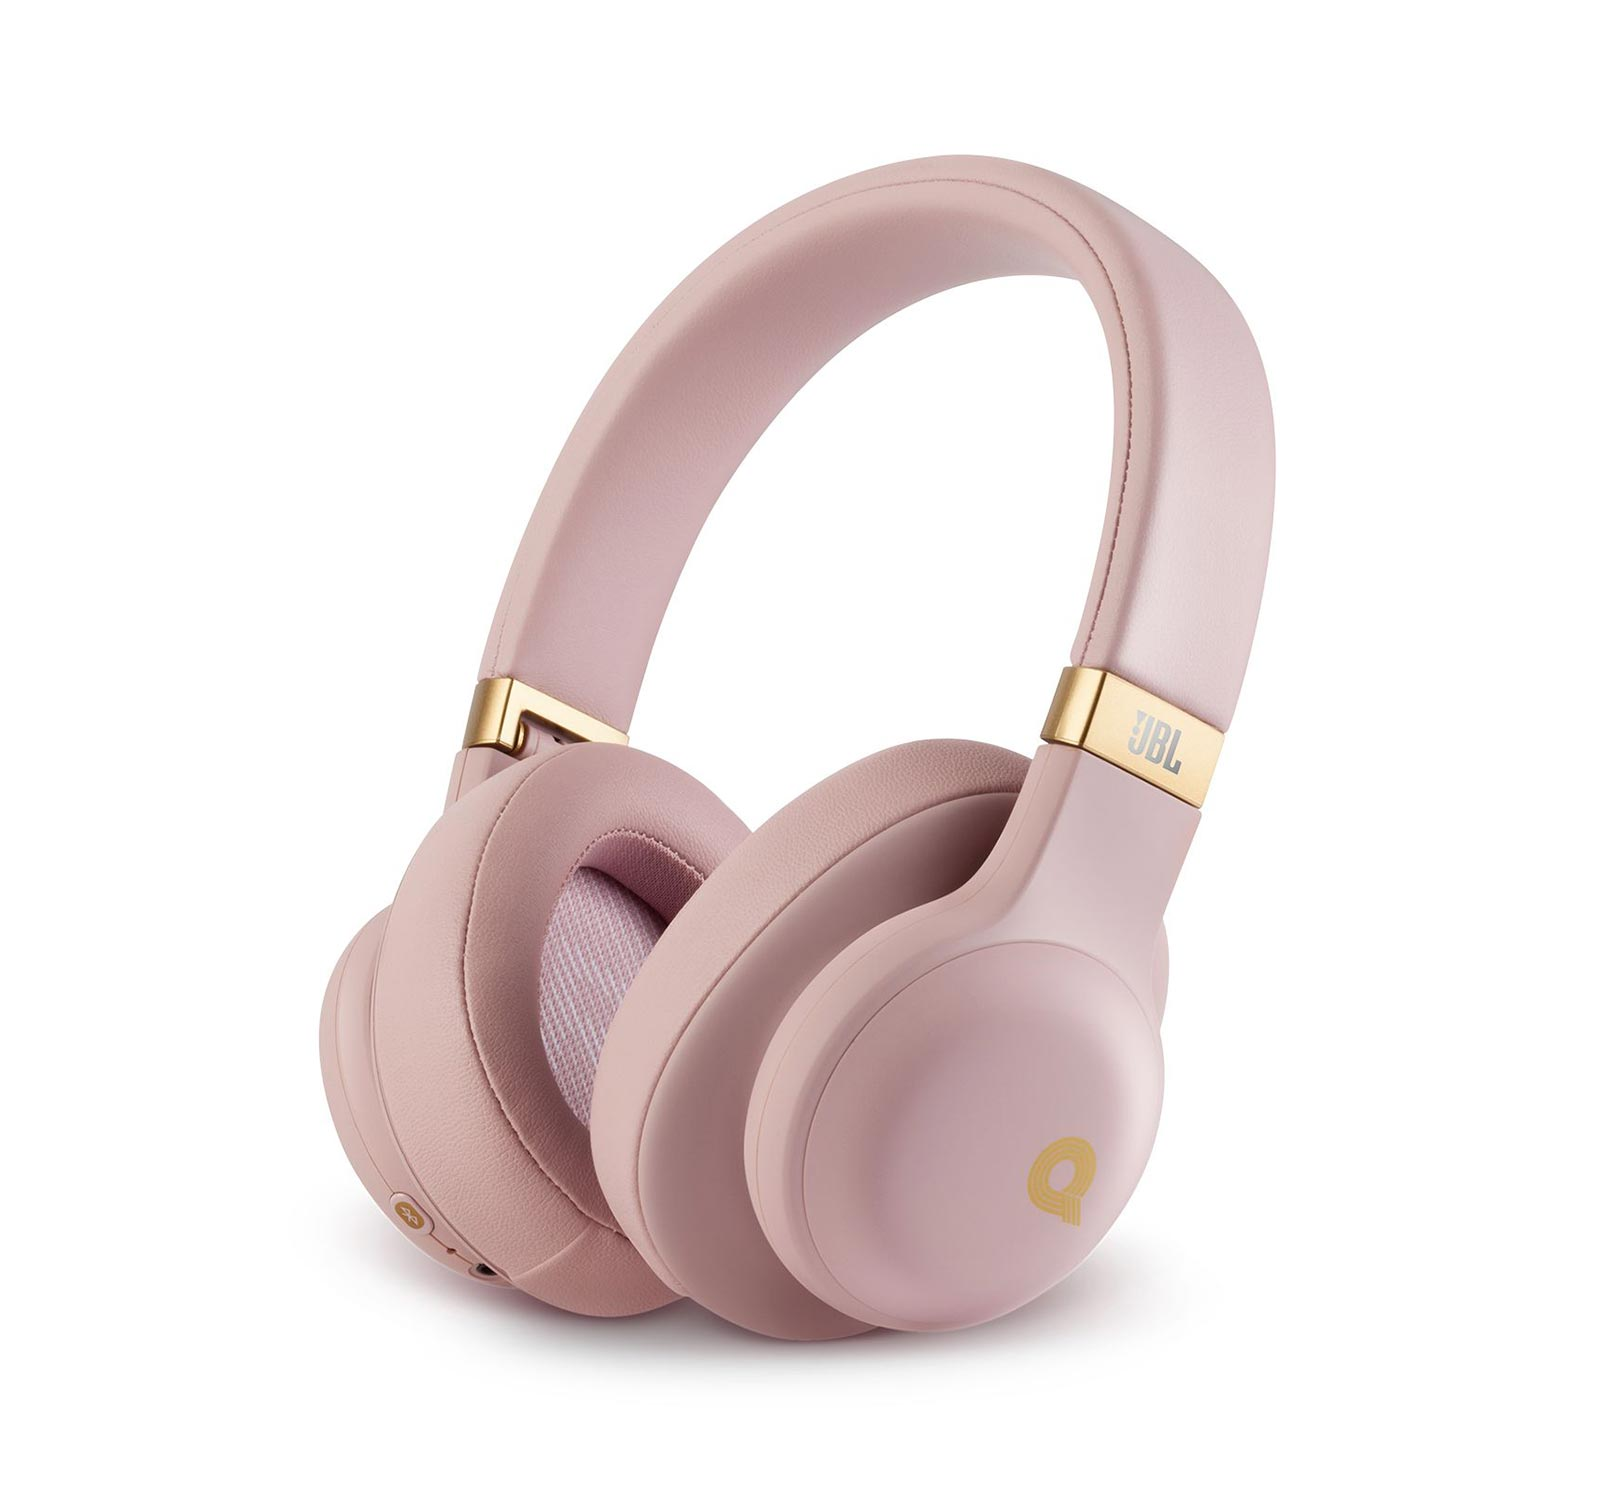 JBL E55BT Dusty Rose Open Box Quincy Jones Edition Wireless Headphones by JBL